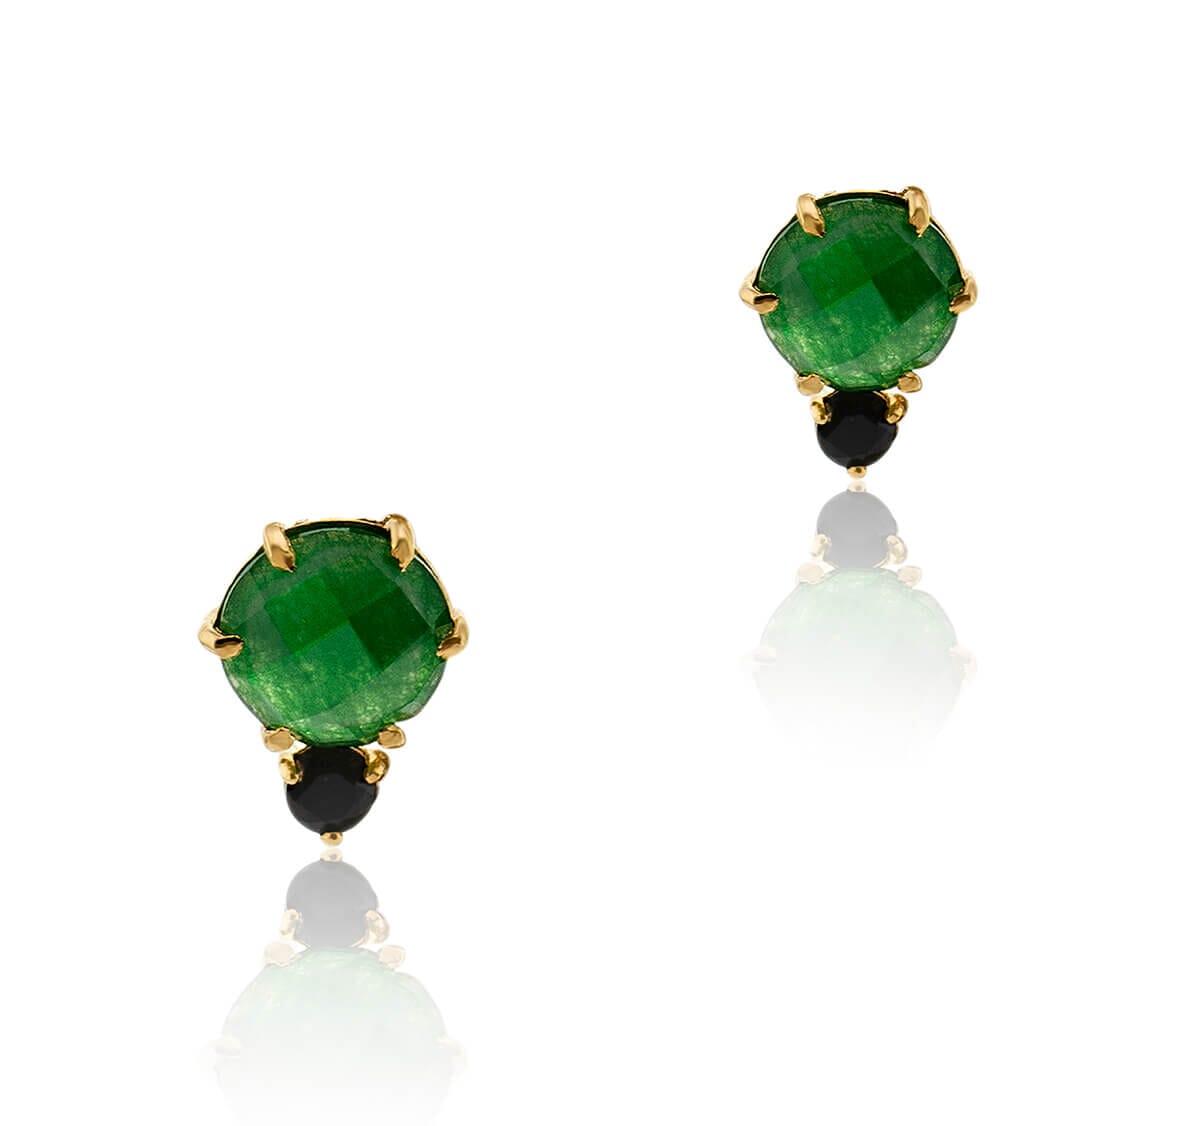 Brinco Folheado a Ouro 18k c/ pedra redonda de zircônia verde e preta